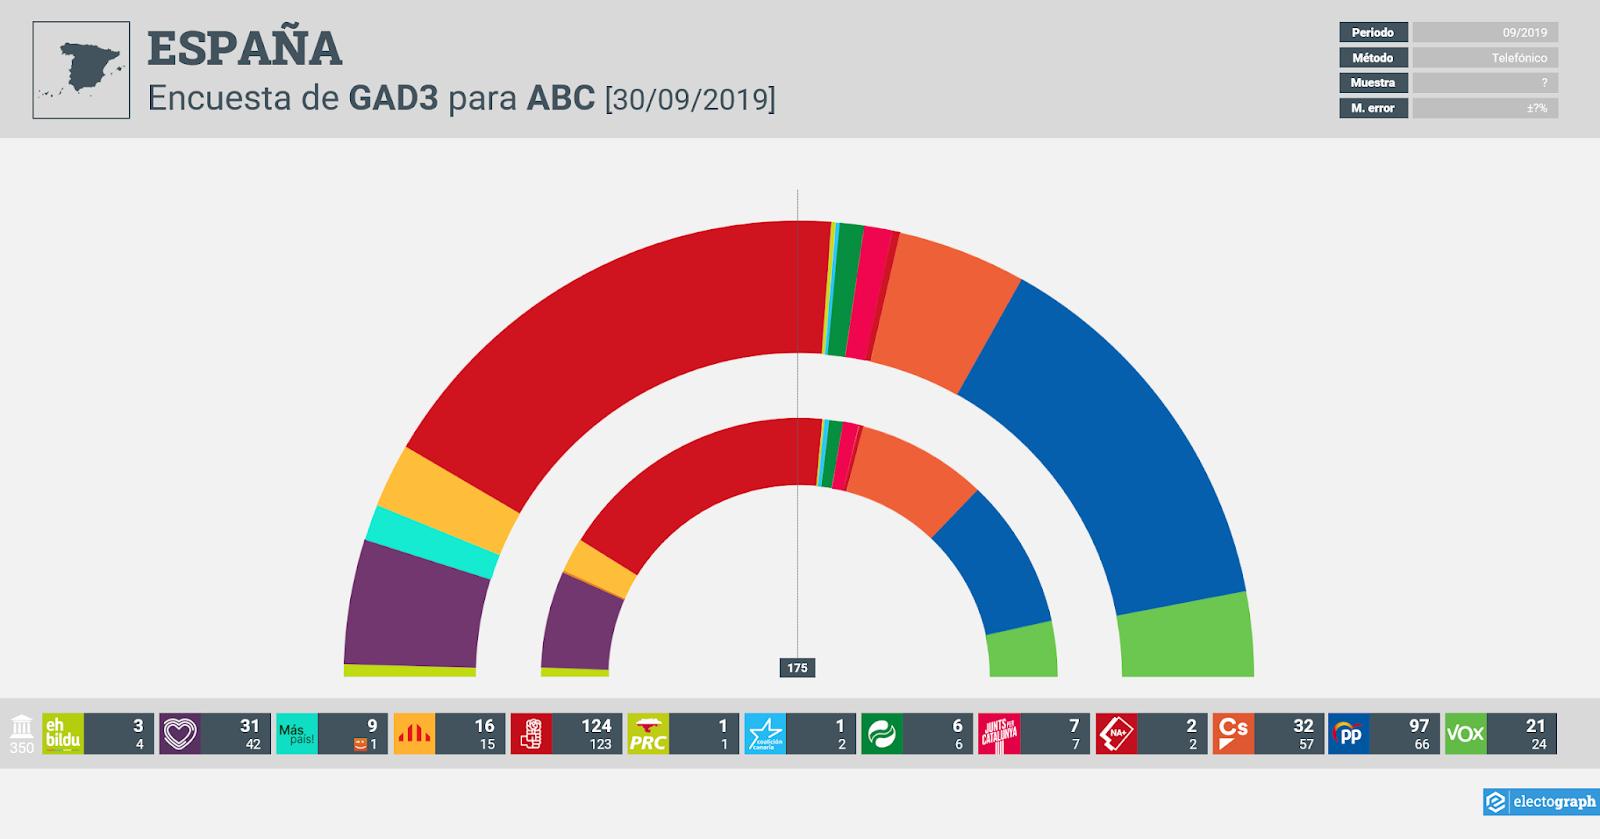 Gráfico de la encuesta para elecciones generales en España realizada por GAD3 para ABC, 30 de Septiembre de 2019